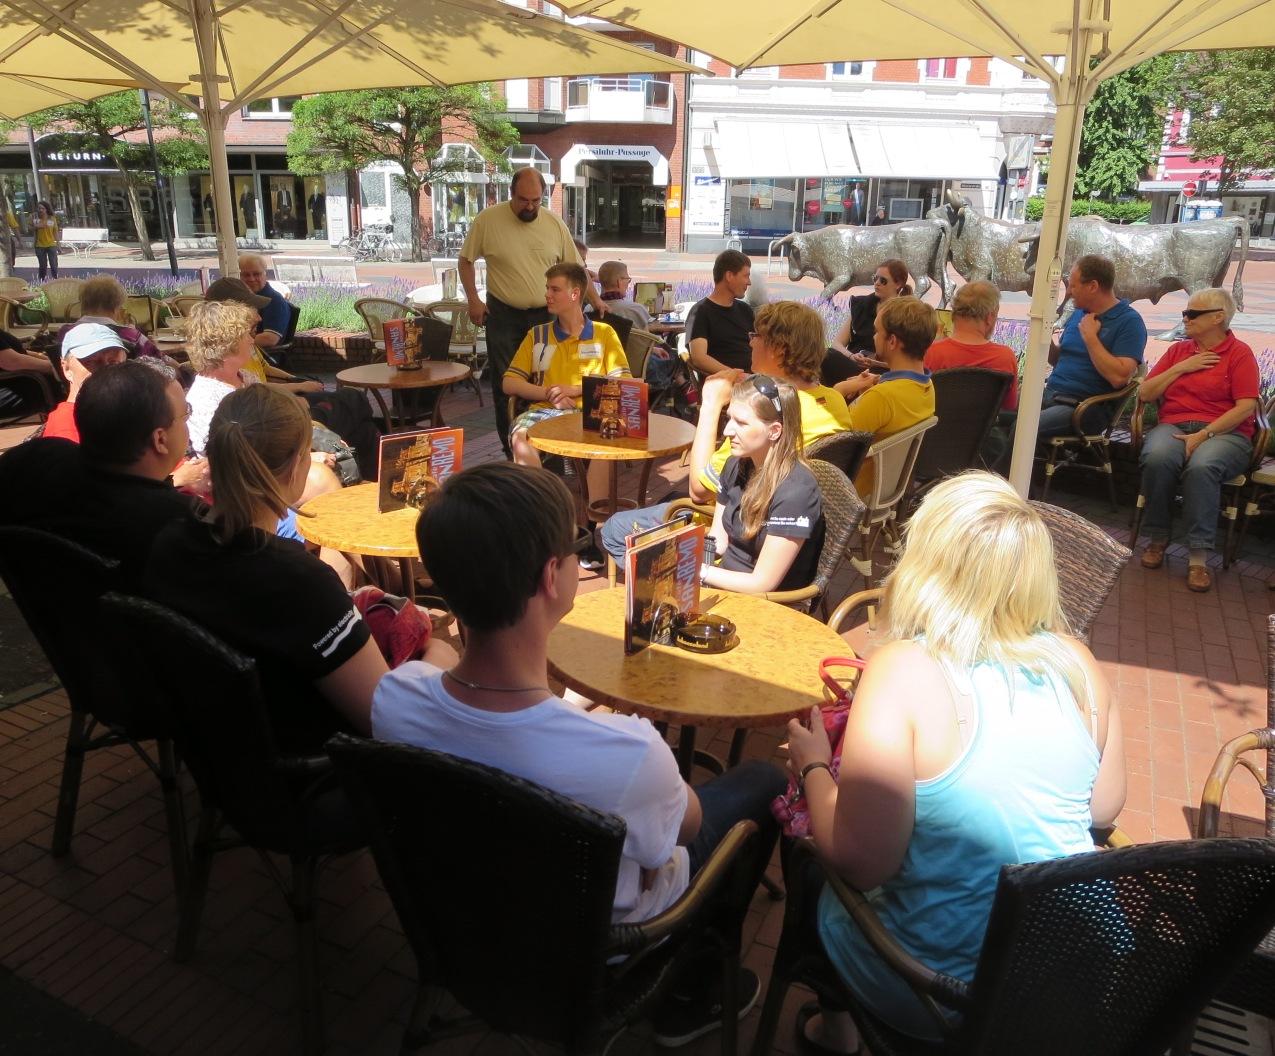 Zum Abschluss der Tour besuchen wir die Lünener Eisdiele in der Fußgängerzone.